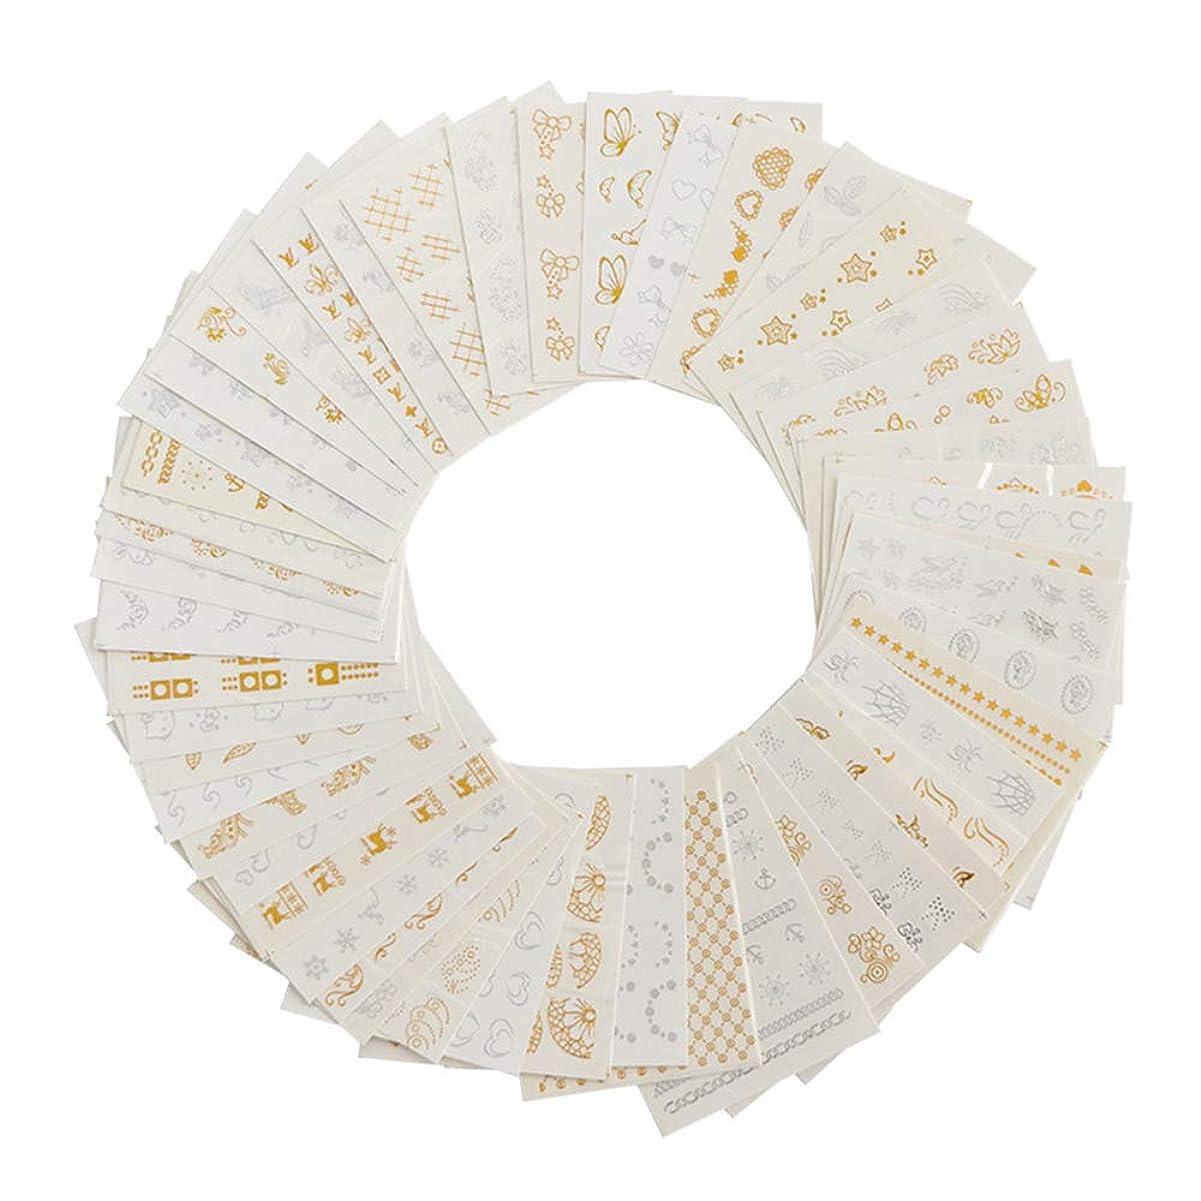 参加するビザ合法ネイルホイル ゴールド シルバー 羽毛ネイルステッカー ウォーターネイルシール ネイルアート デコレーション パーツ 30枚セット